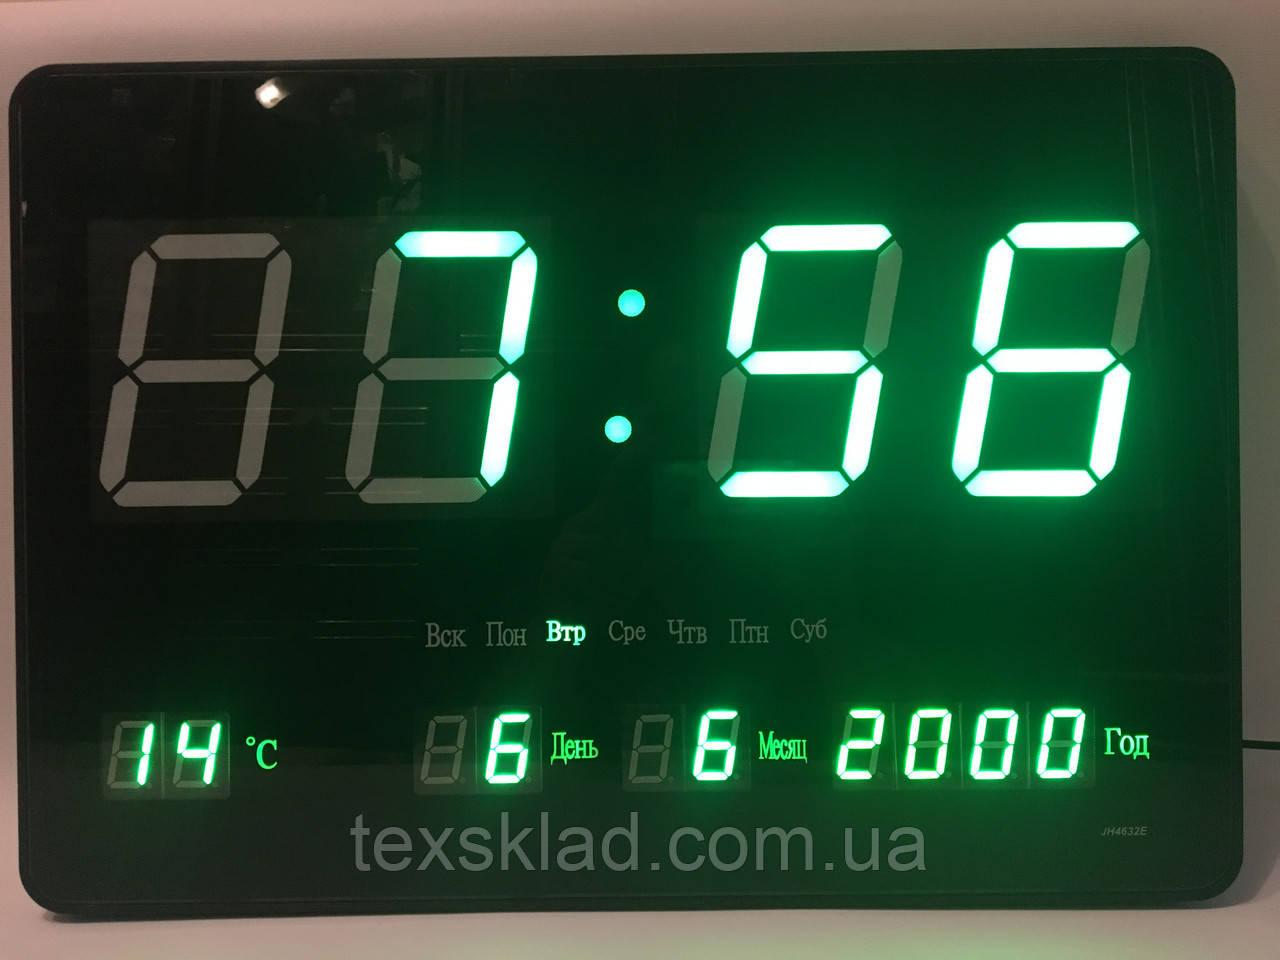 ... Настенные электронные часы JH-4632 green (46x32см Руское меню), ... d7429496fa8